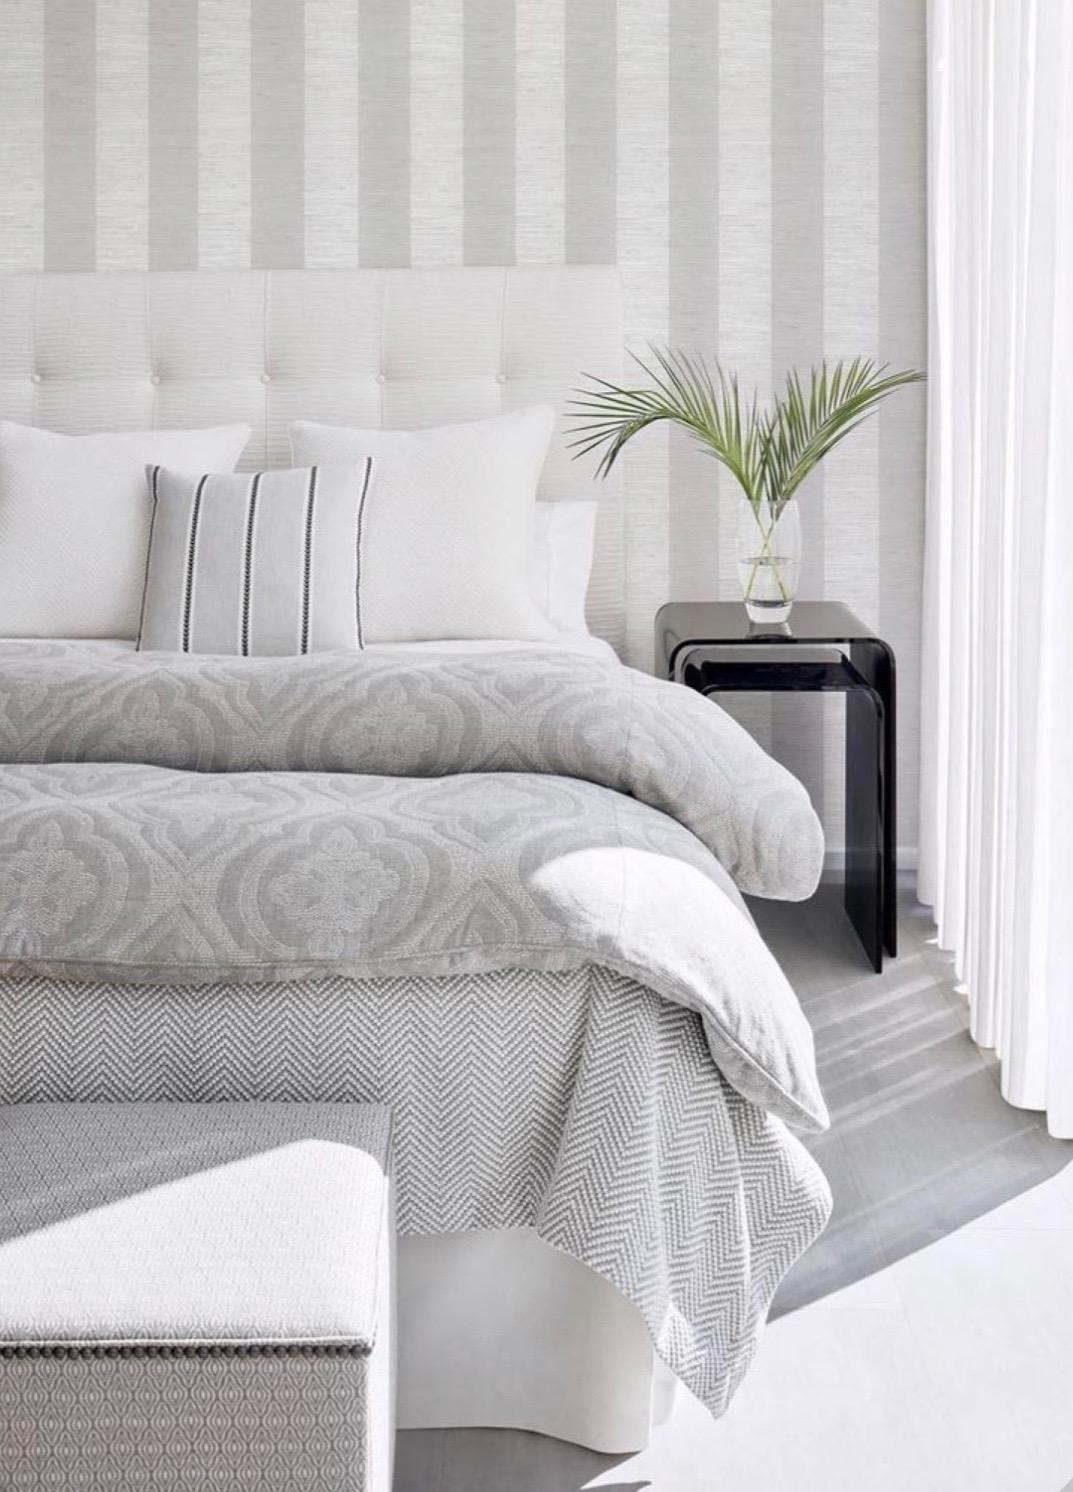 Mála spálňa? 3 efektívne riešenia, ako vyťažiť  z priestoru maximum